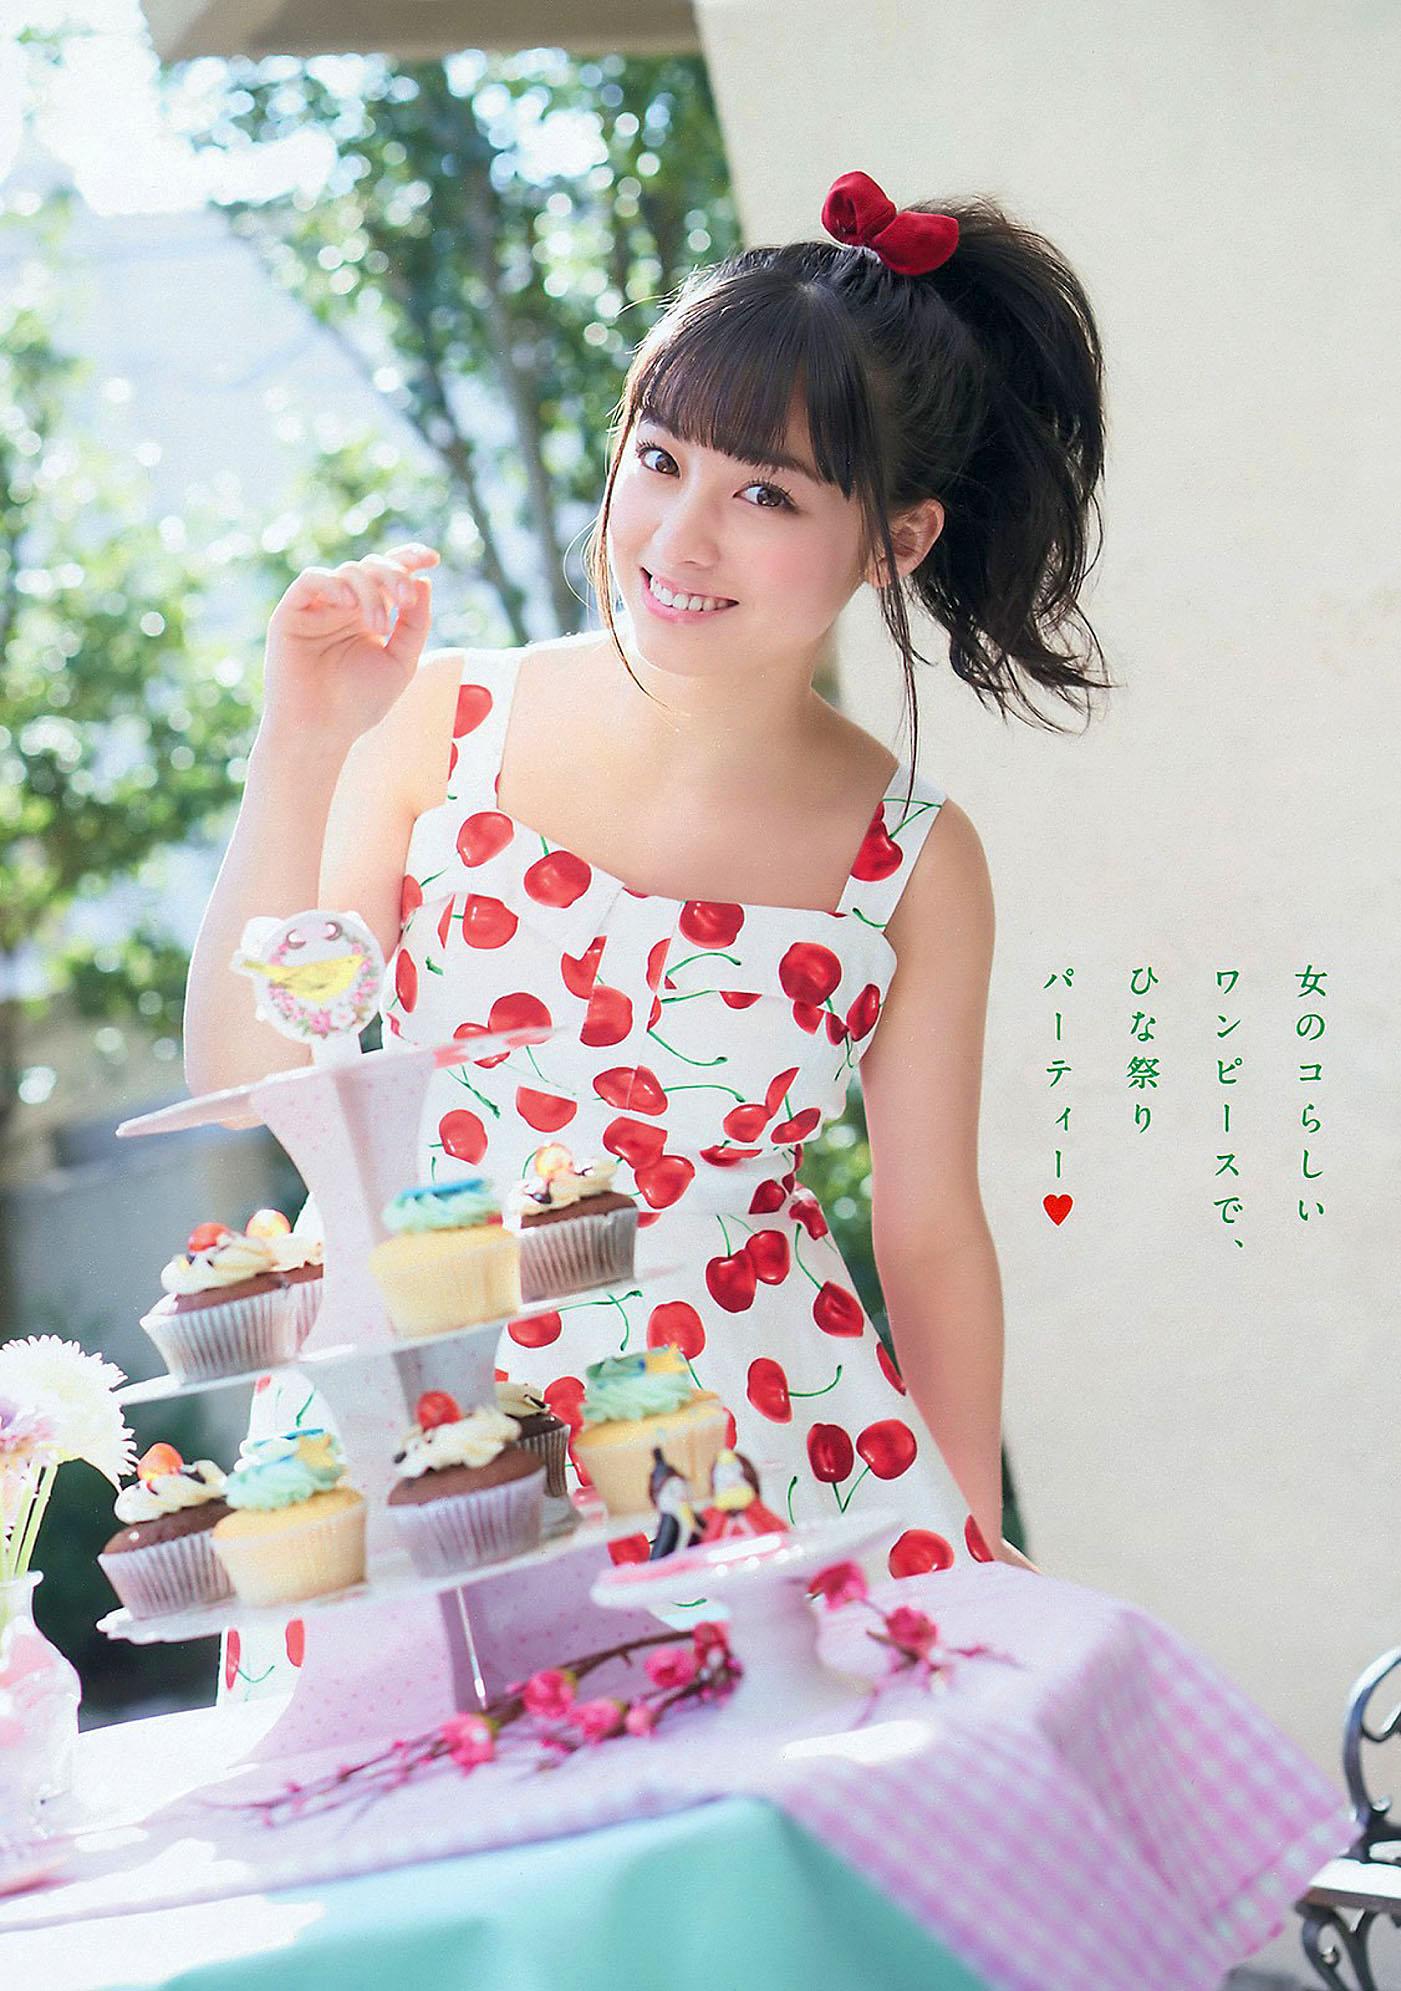 KHashimoto Young Magazine 160314 04.jpg